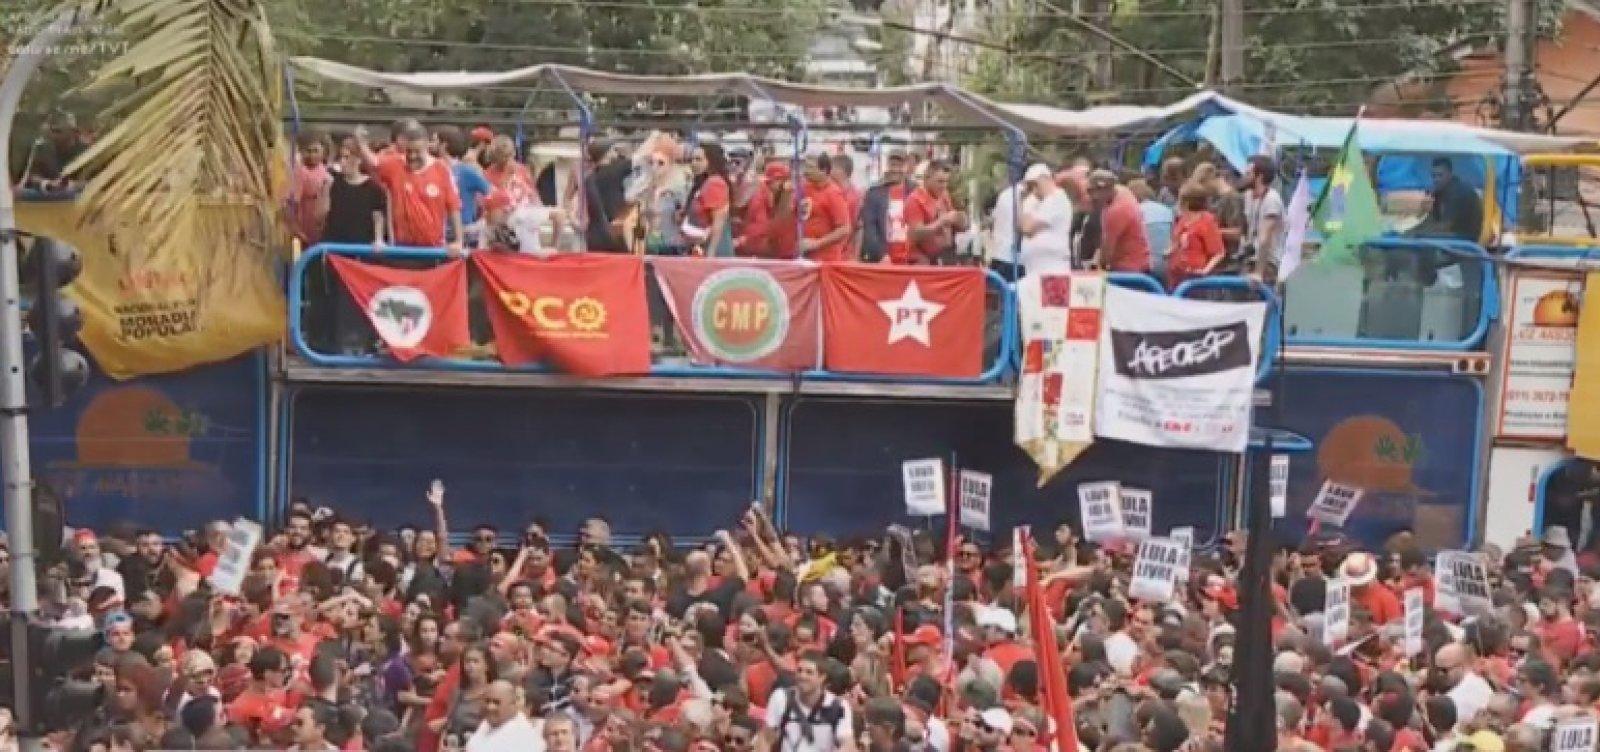 [Ao vivo: Lula chega ao Sindicato dos Metalúrgicos nesta tarde]